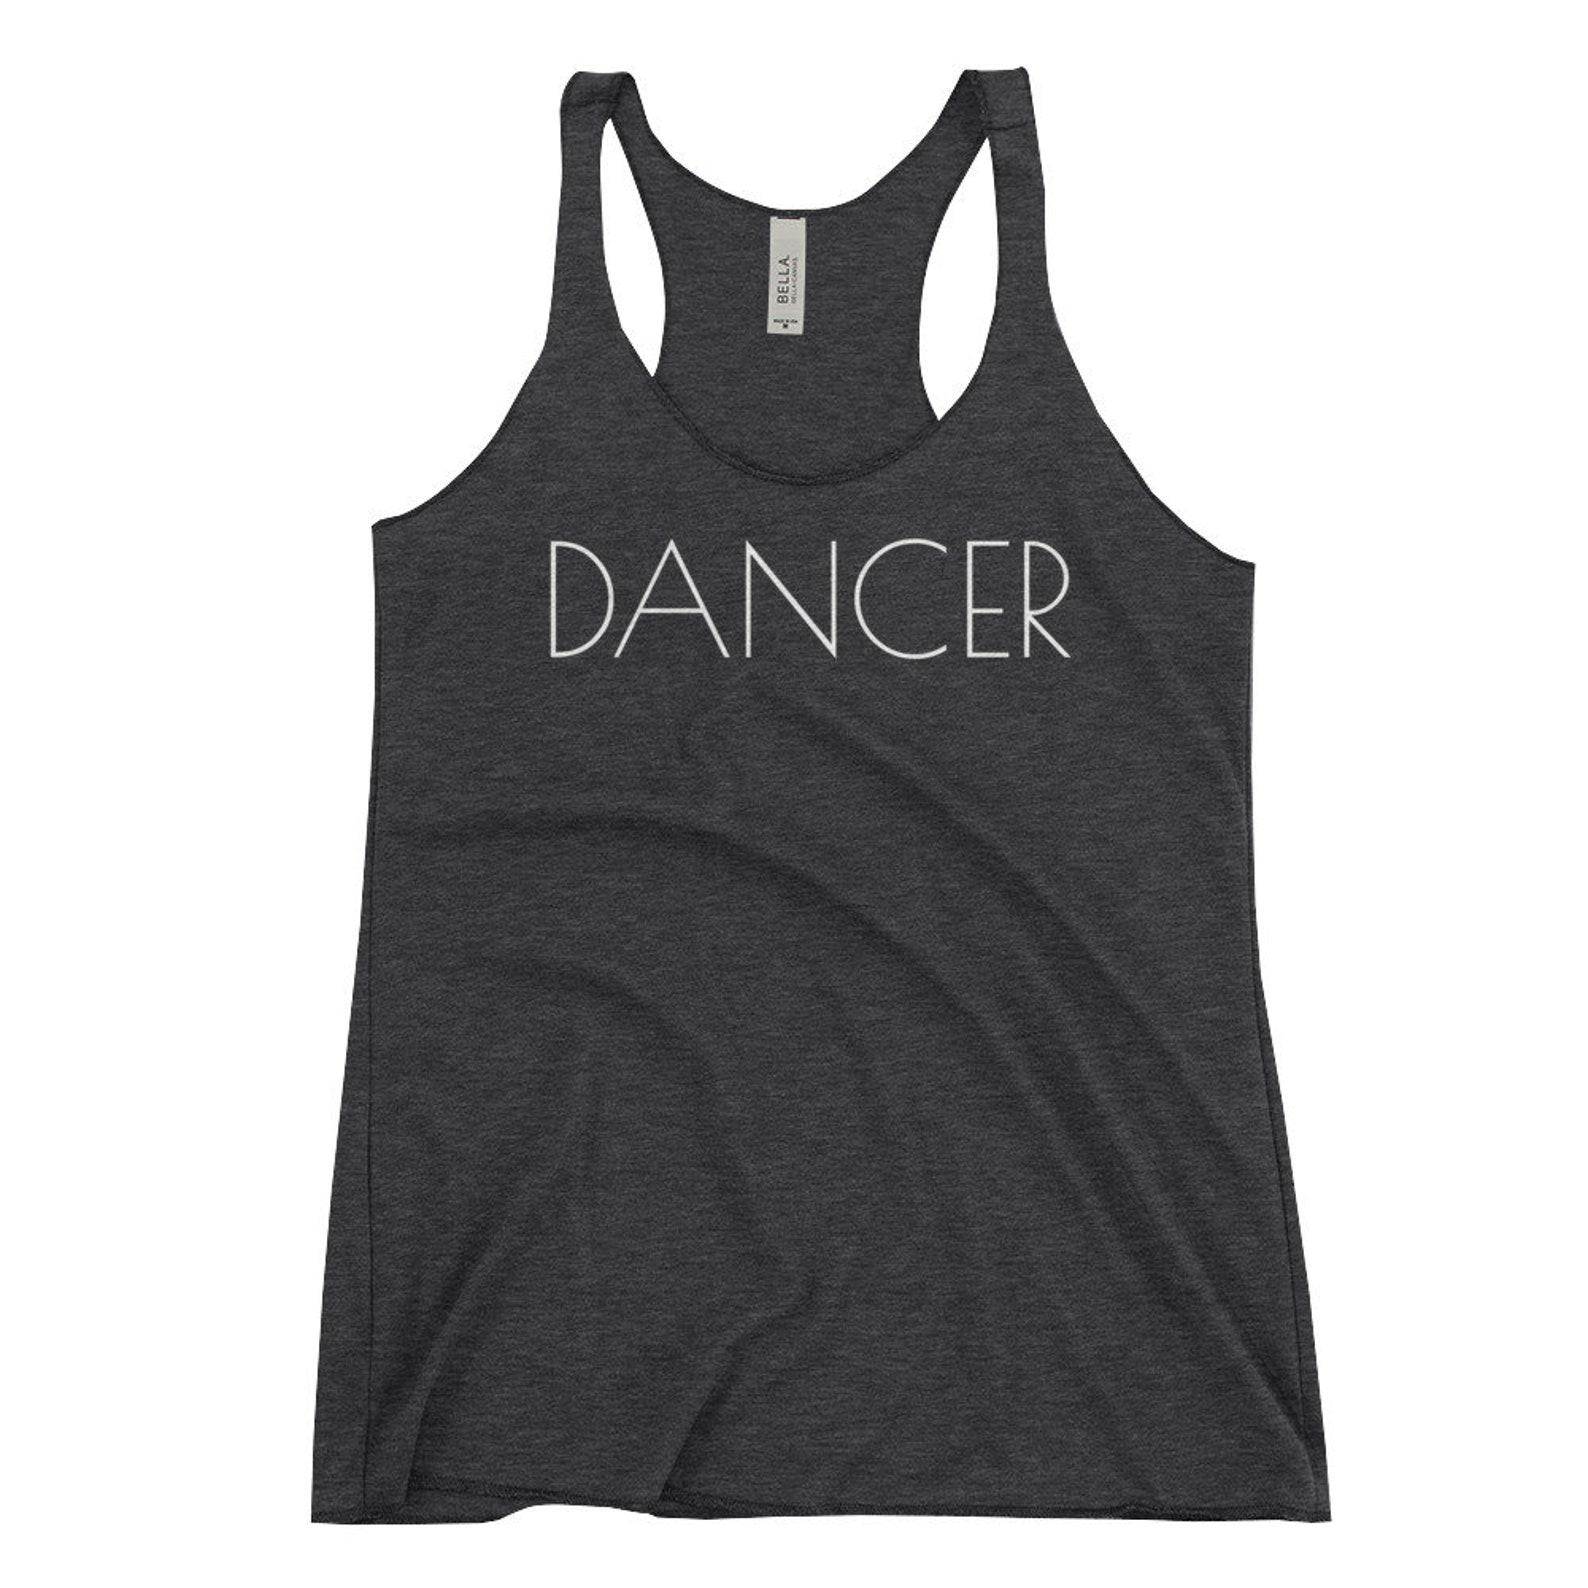 dancer text ballet dance ballerina dancing studio